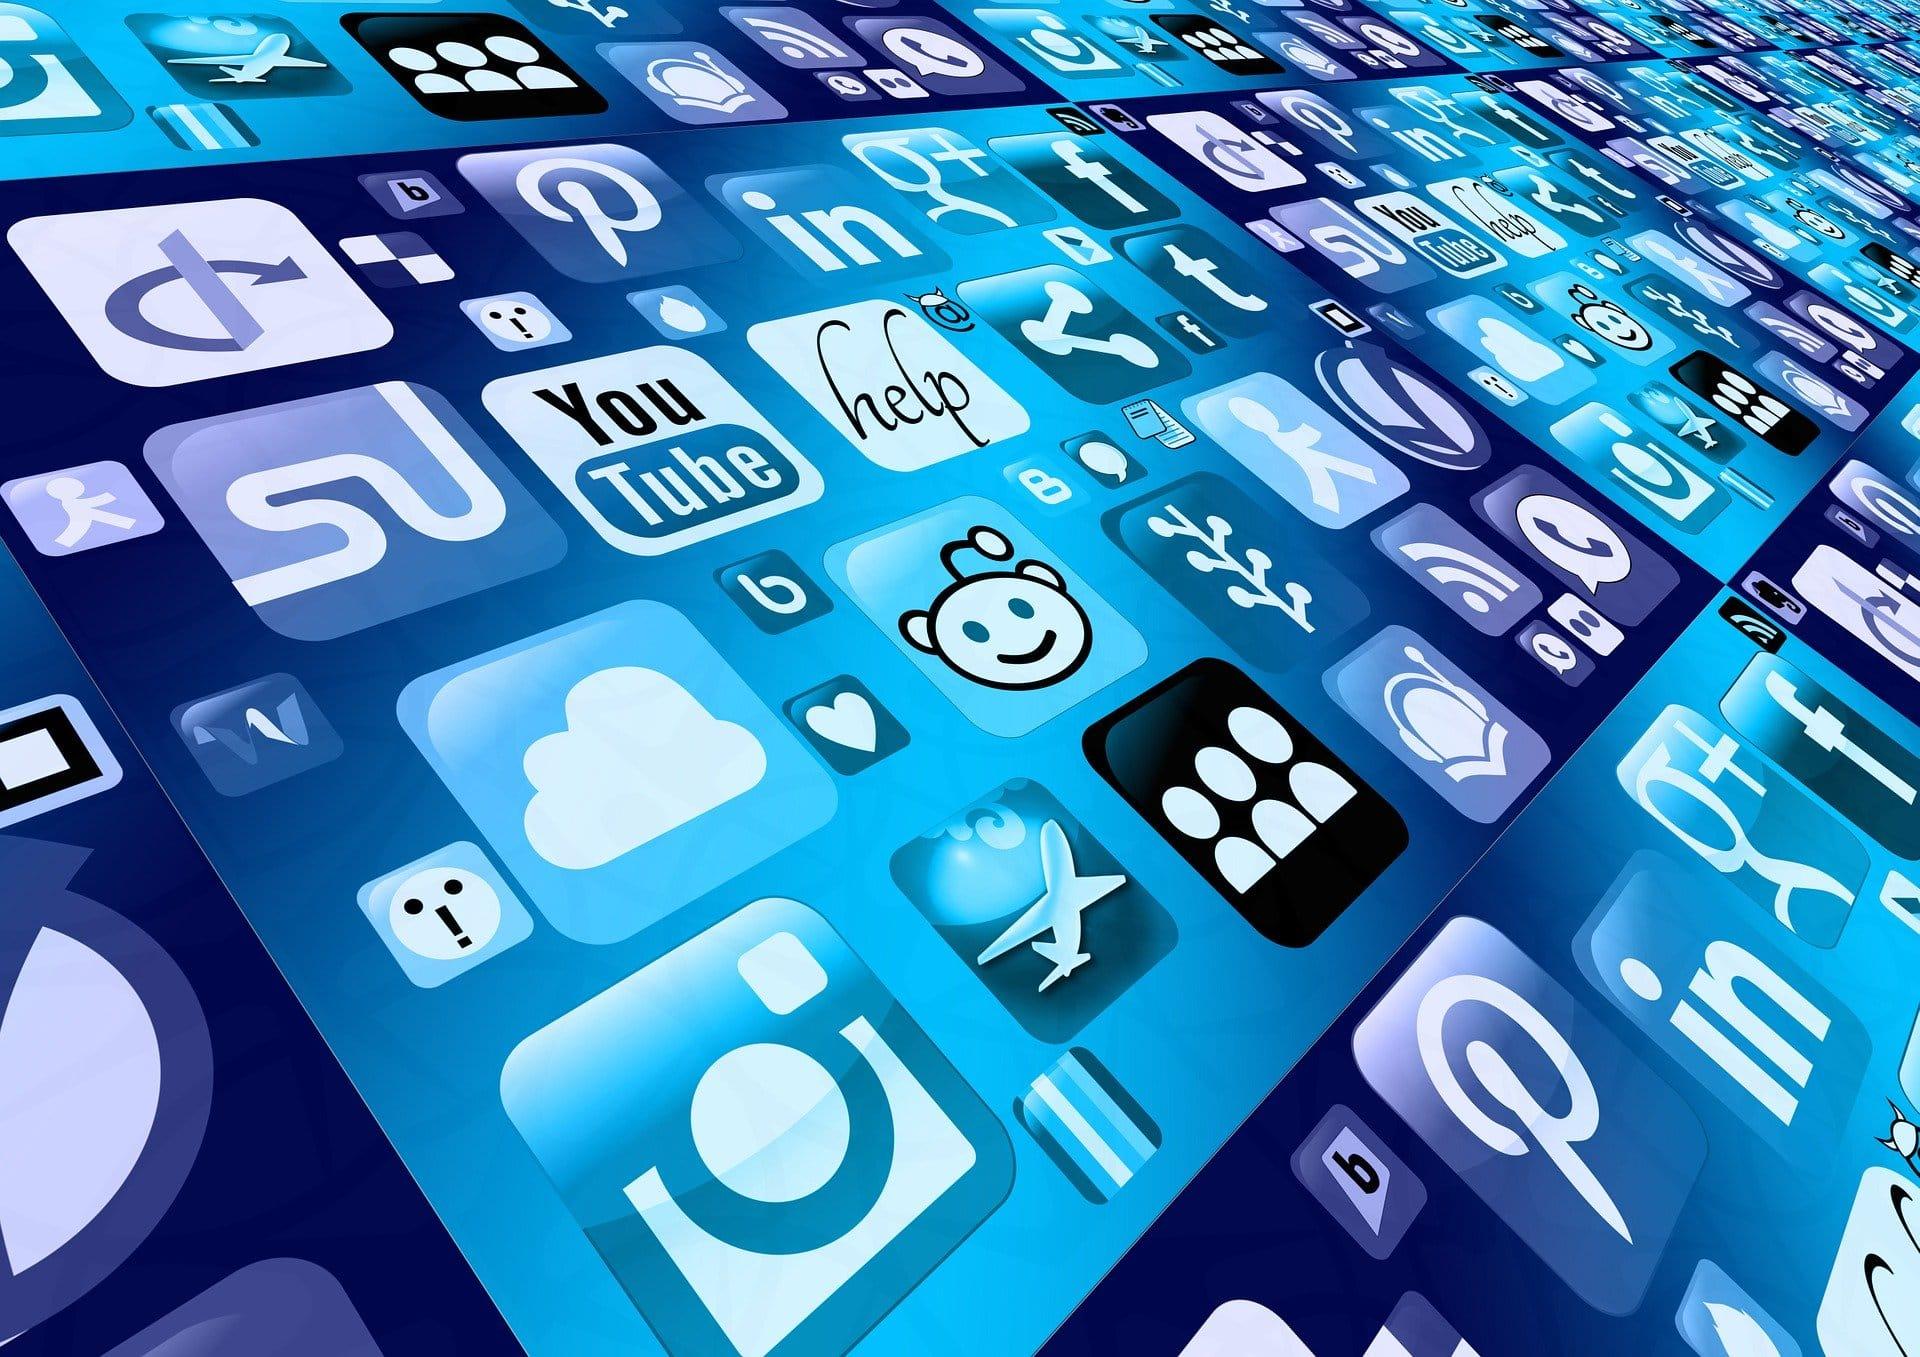 Le top 5 des tendances en réseaux sociaux et influence marketing